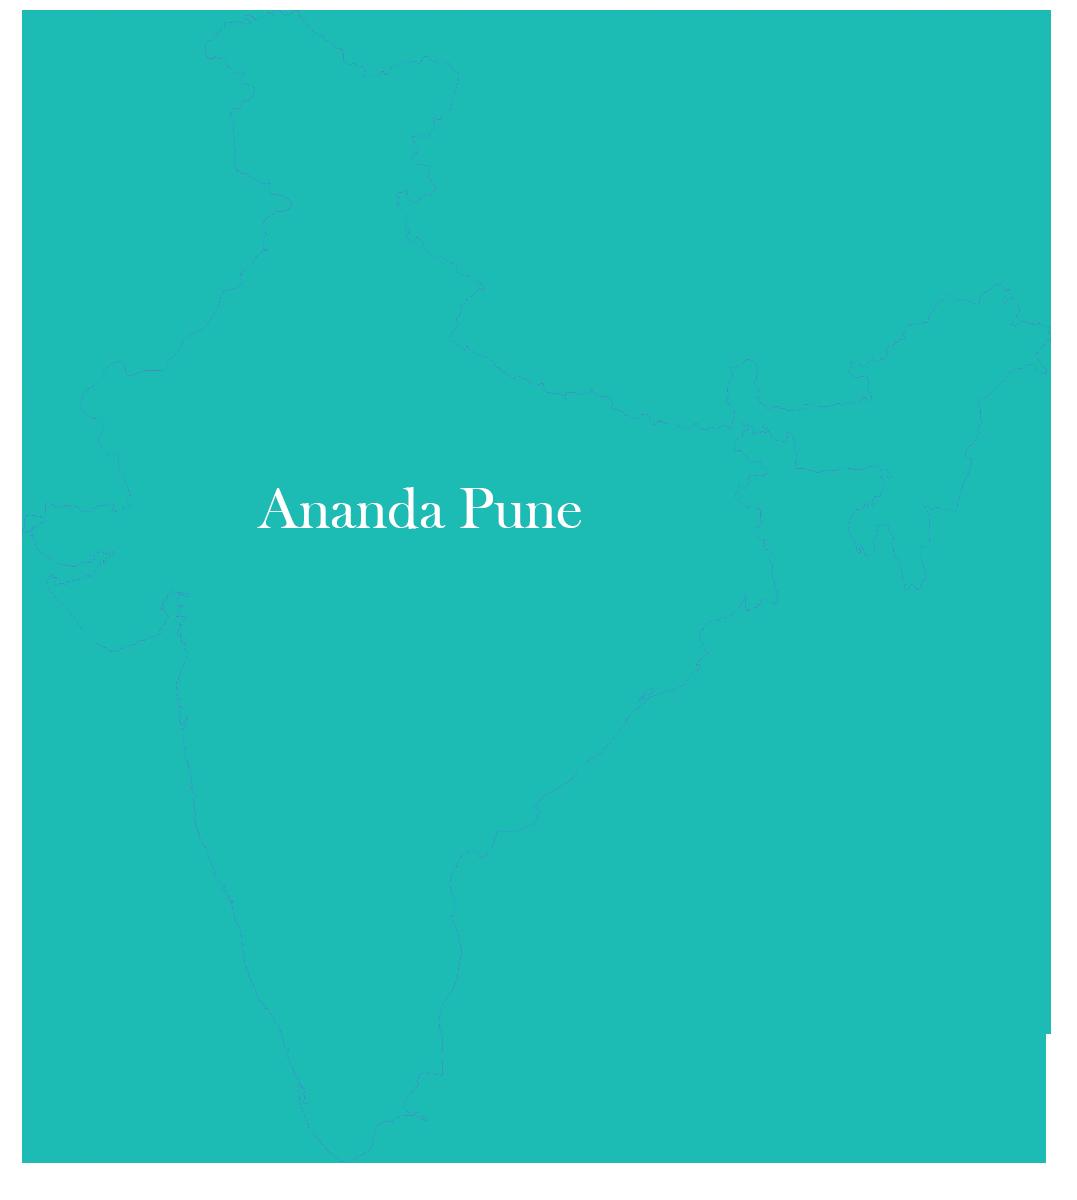 Ananda Pune